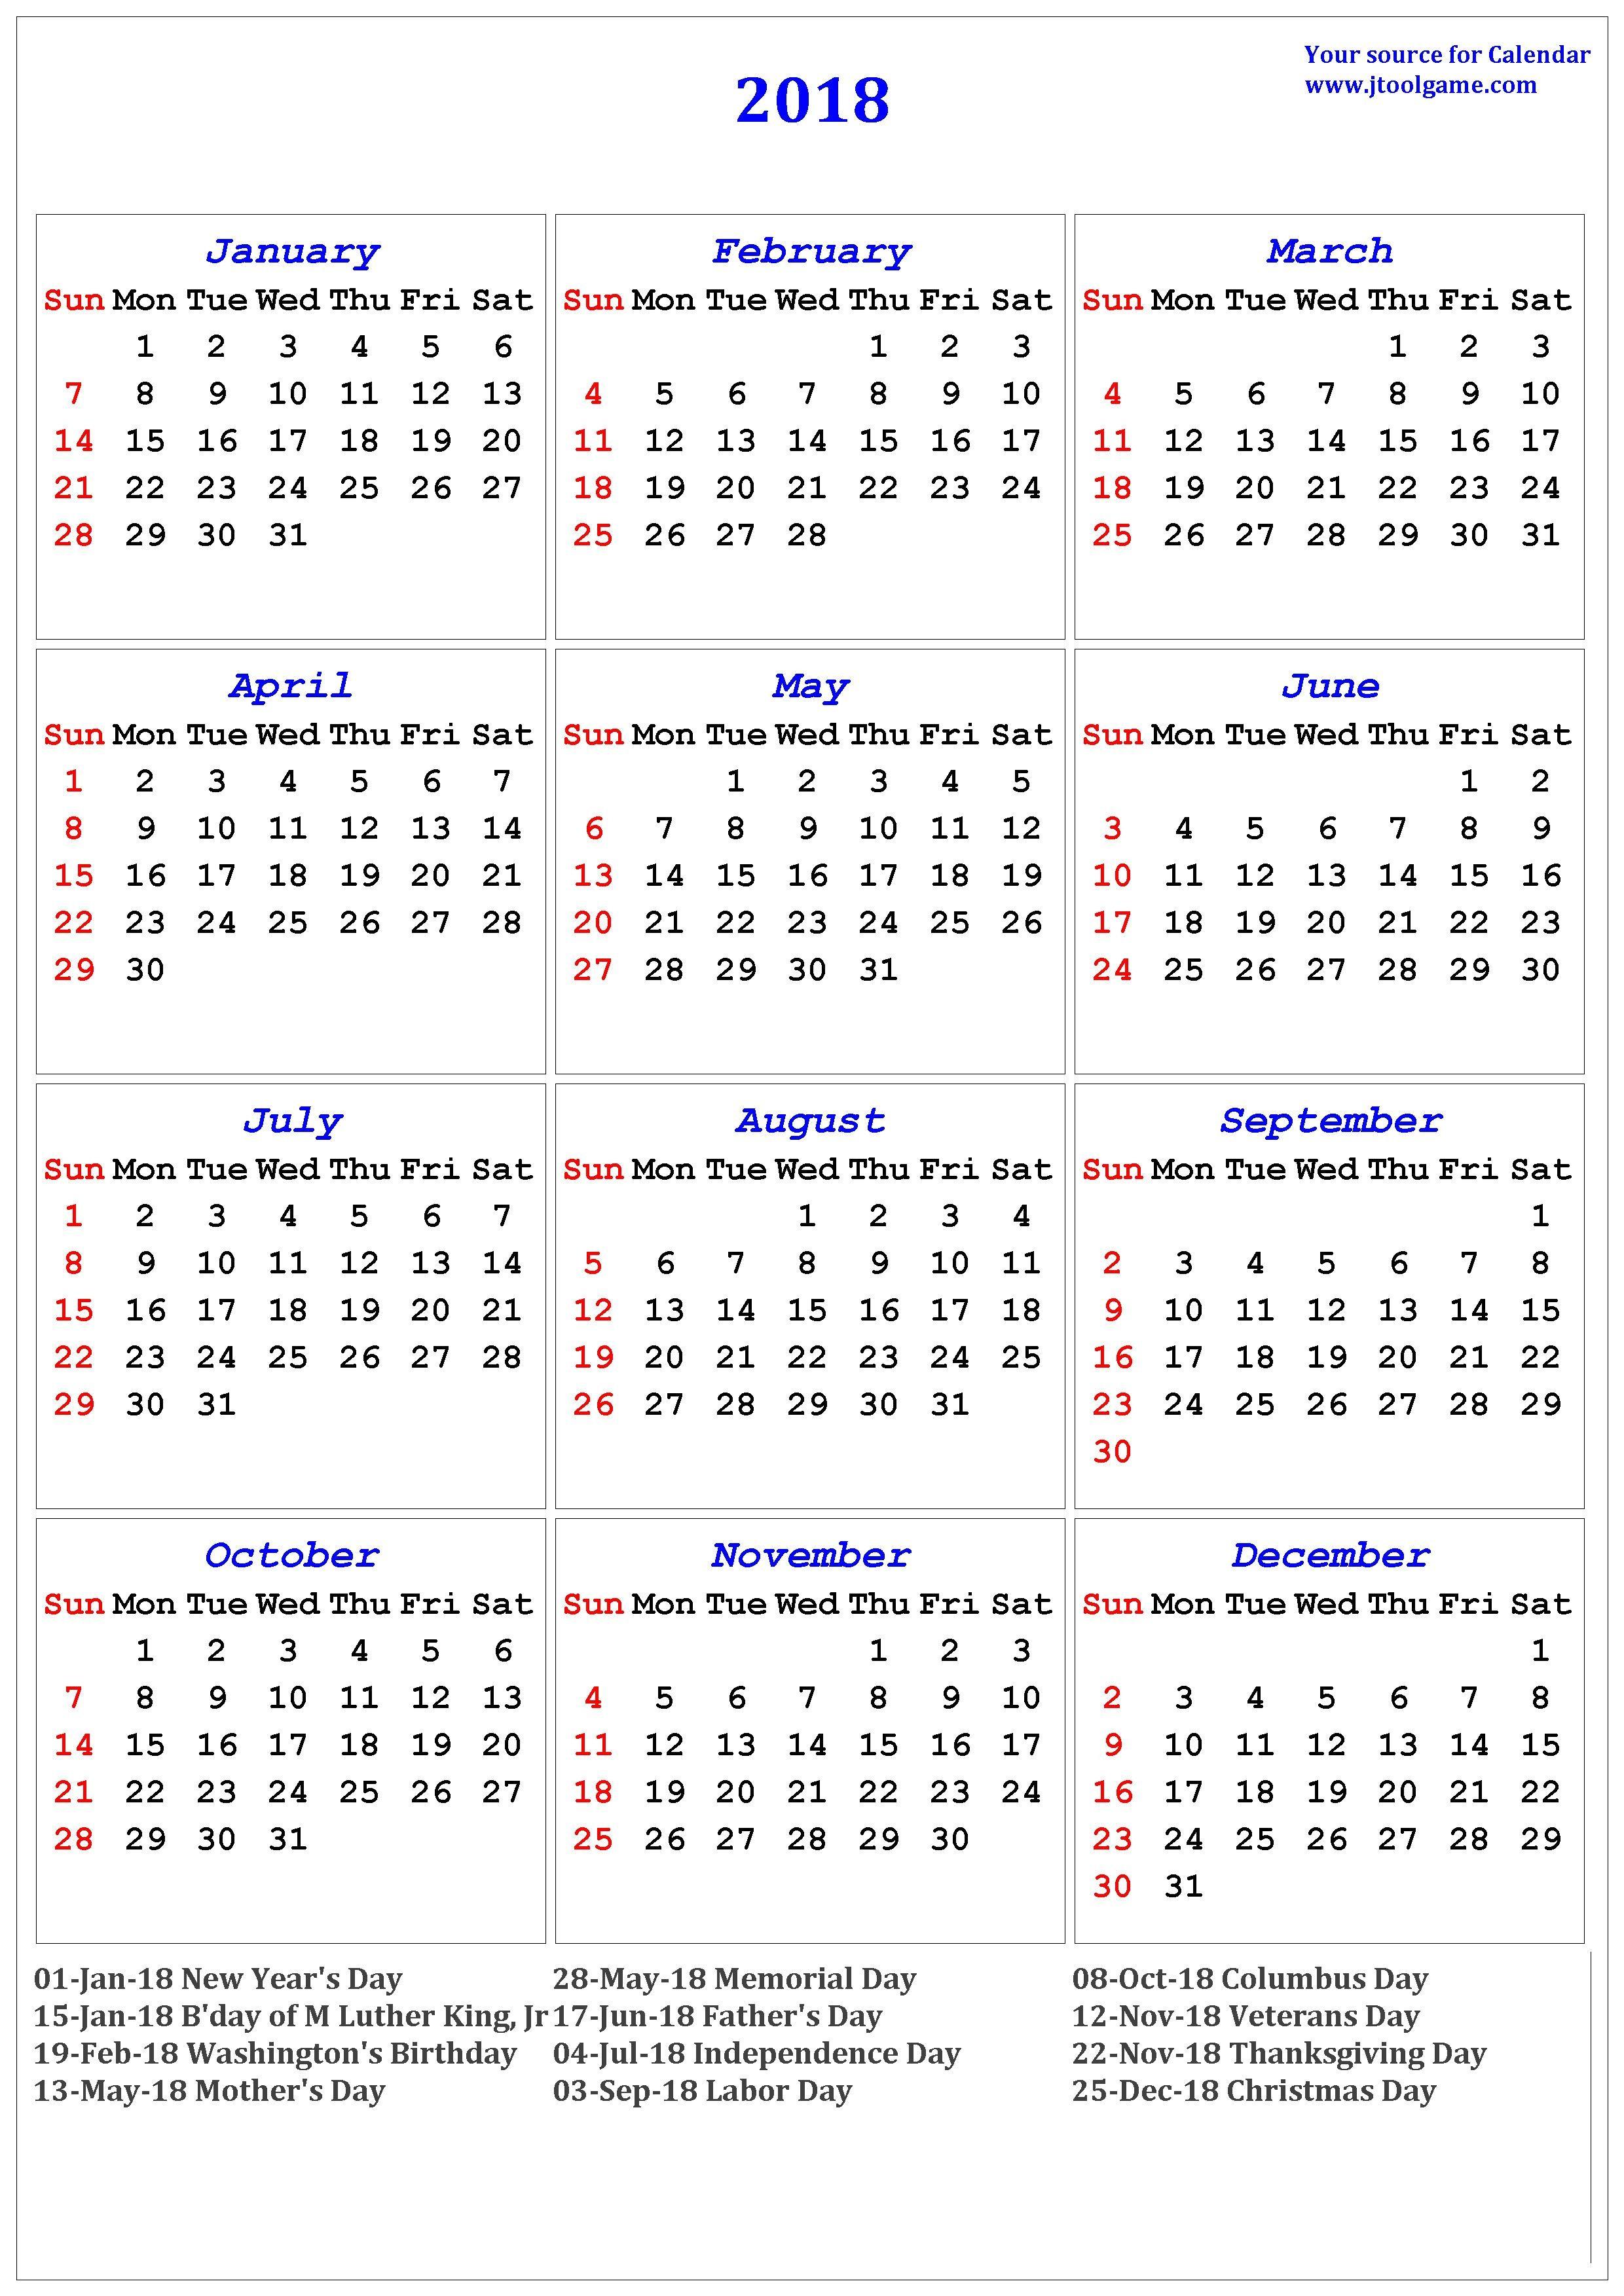 2018 calendar printable in multiple colors outstanding with holidays 2018 Calendar With Holidays Usa Printable erdferdf